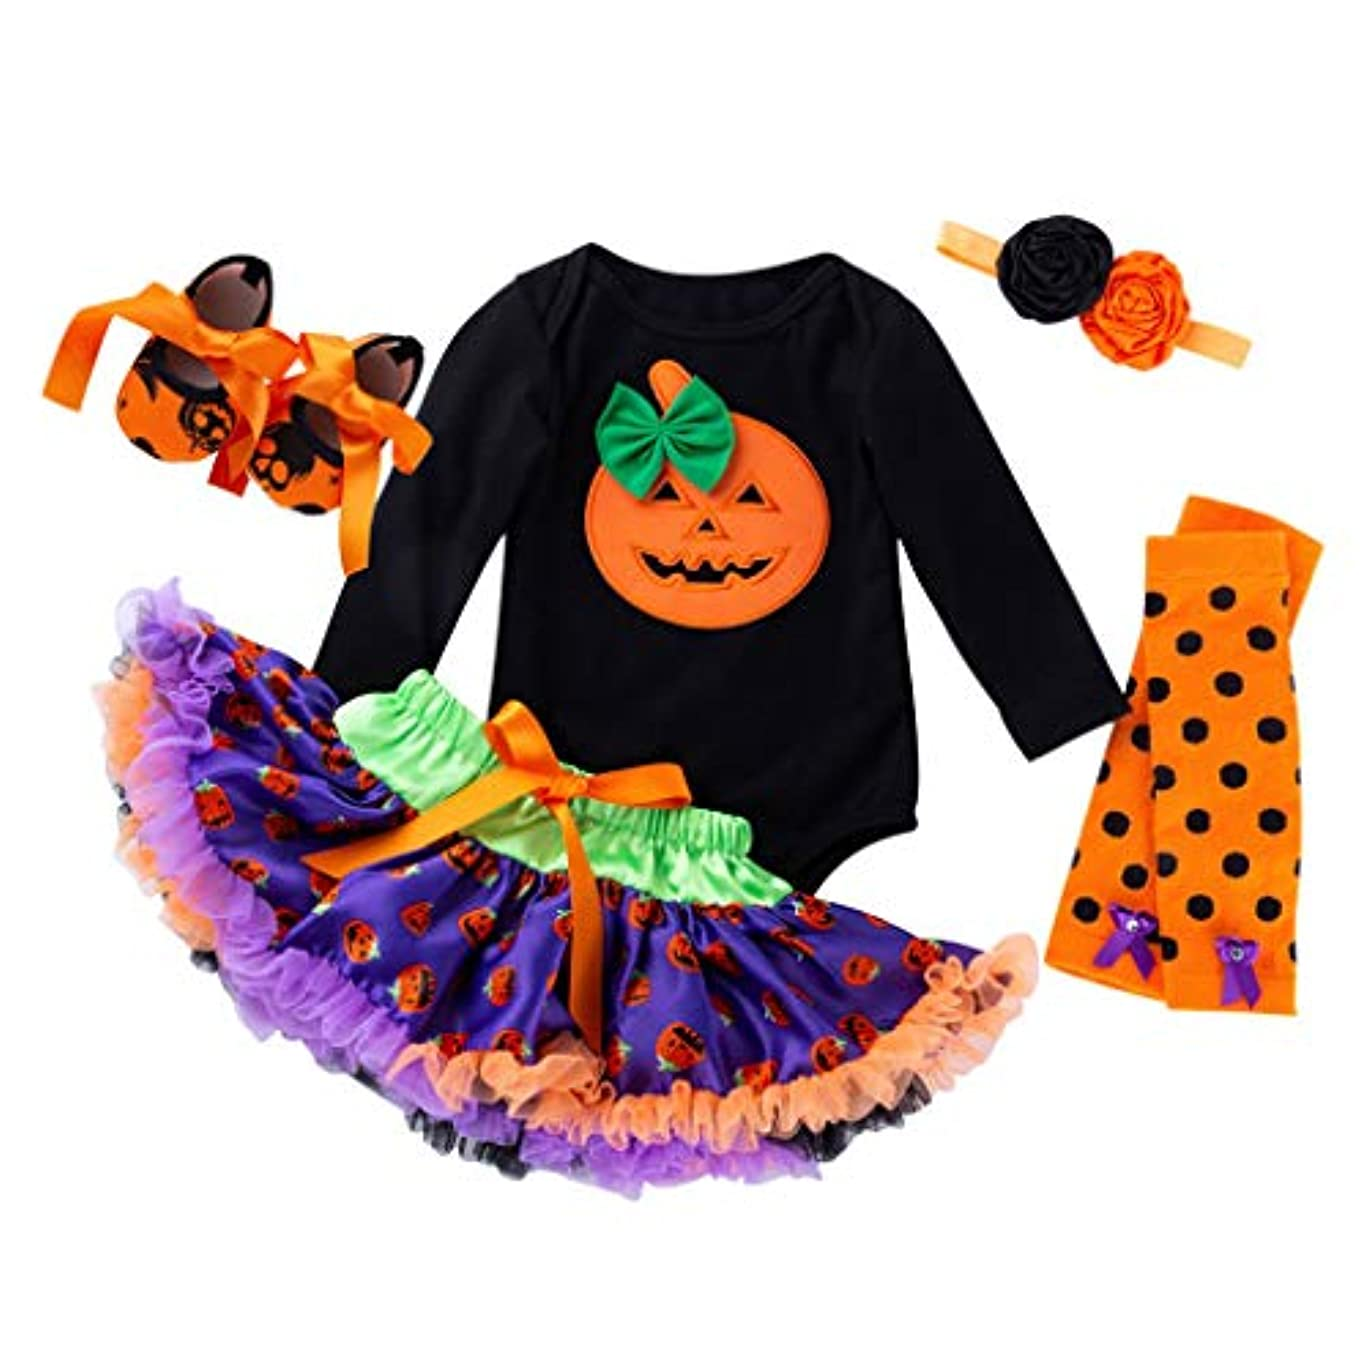 杭苦行原因ハロウィン 赤ちゃん ワンピース Huliyun 女の子 ロンパース かわいい キッズ 仮装 子供用2ピース長袖ローブ+チュチュスカート ハロウィン 衣装 子供 女の子 パンプキン かぼちゃ 仮装